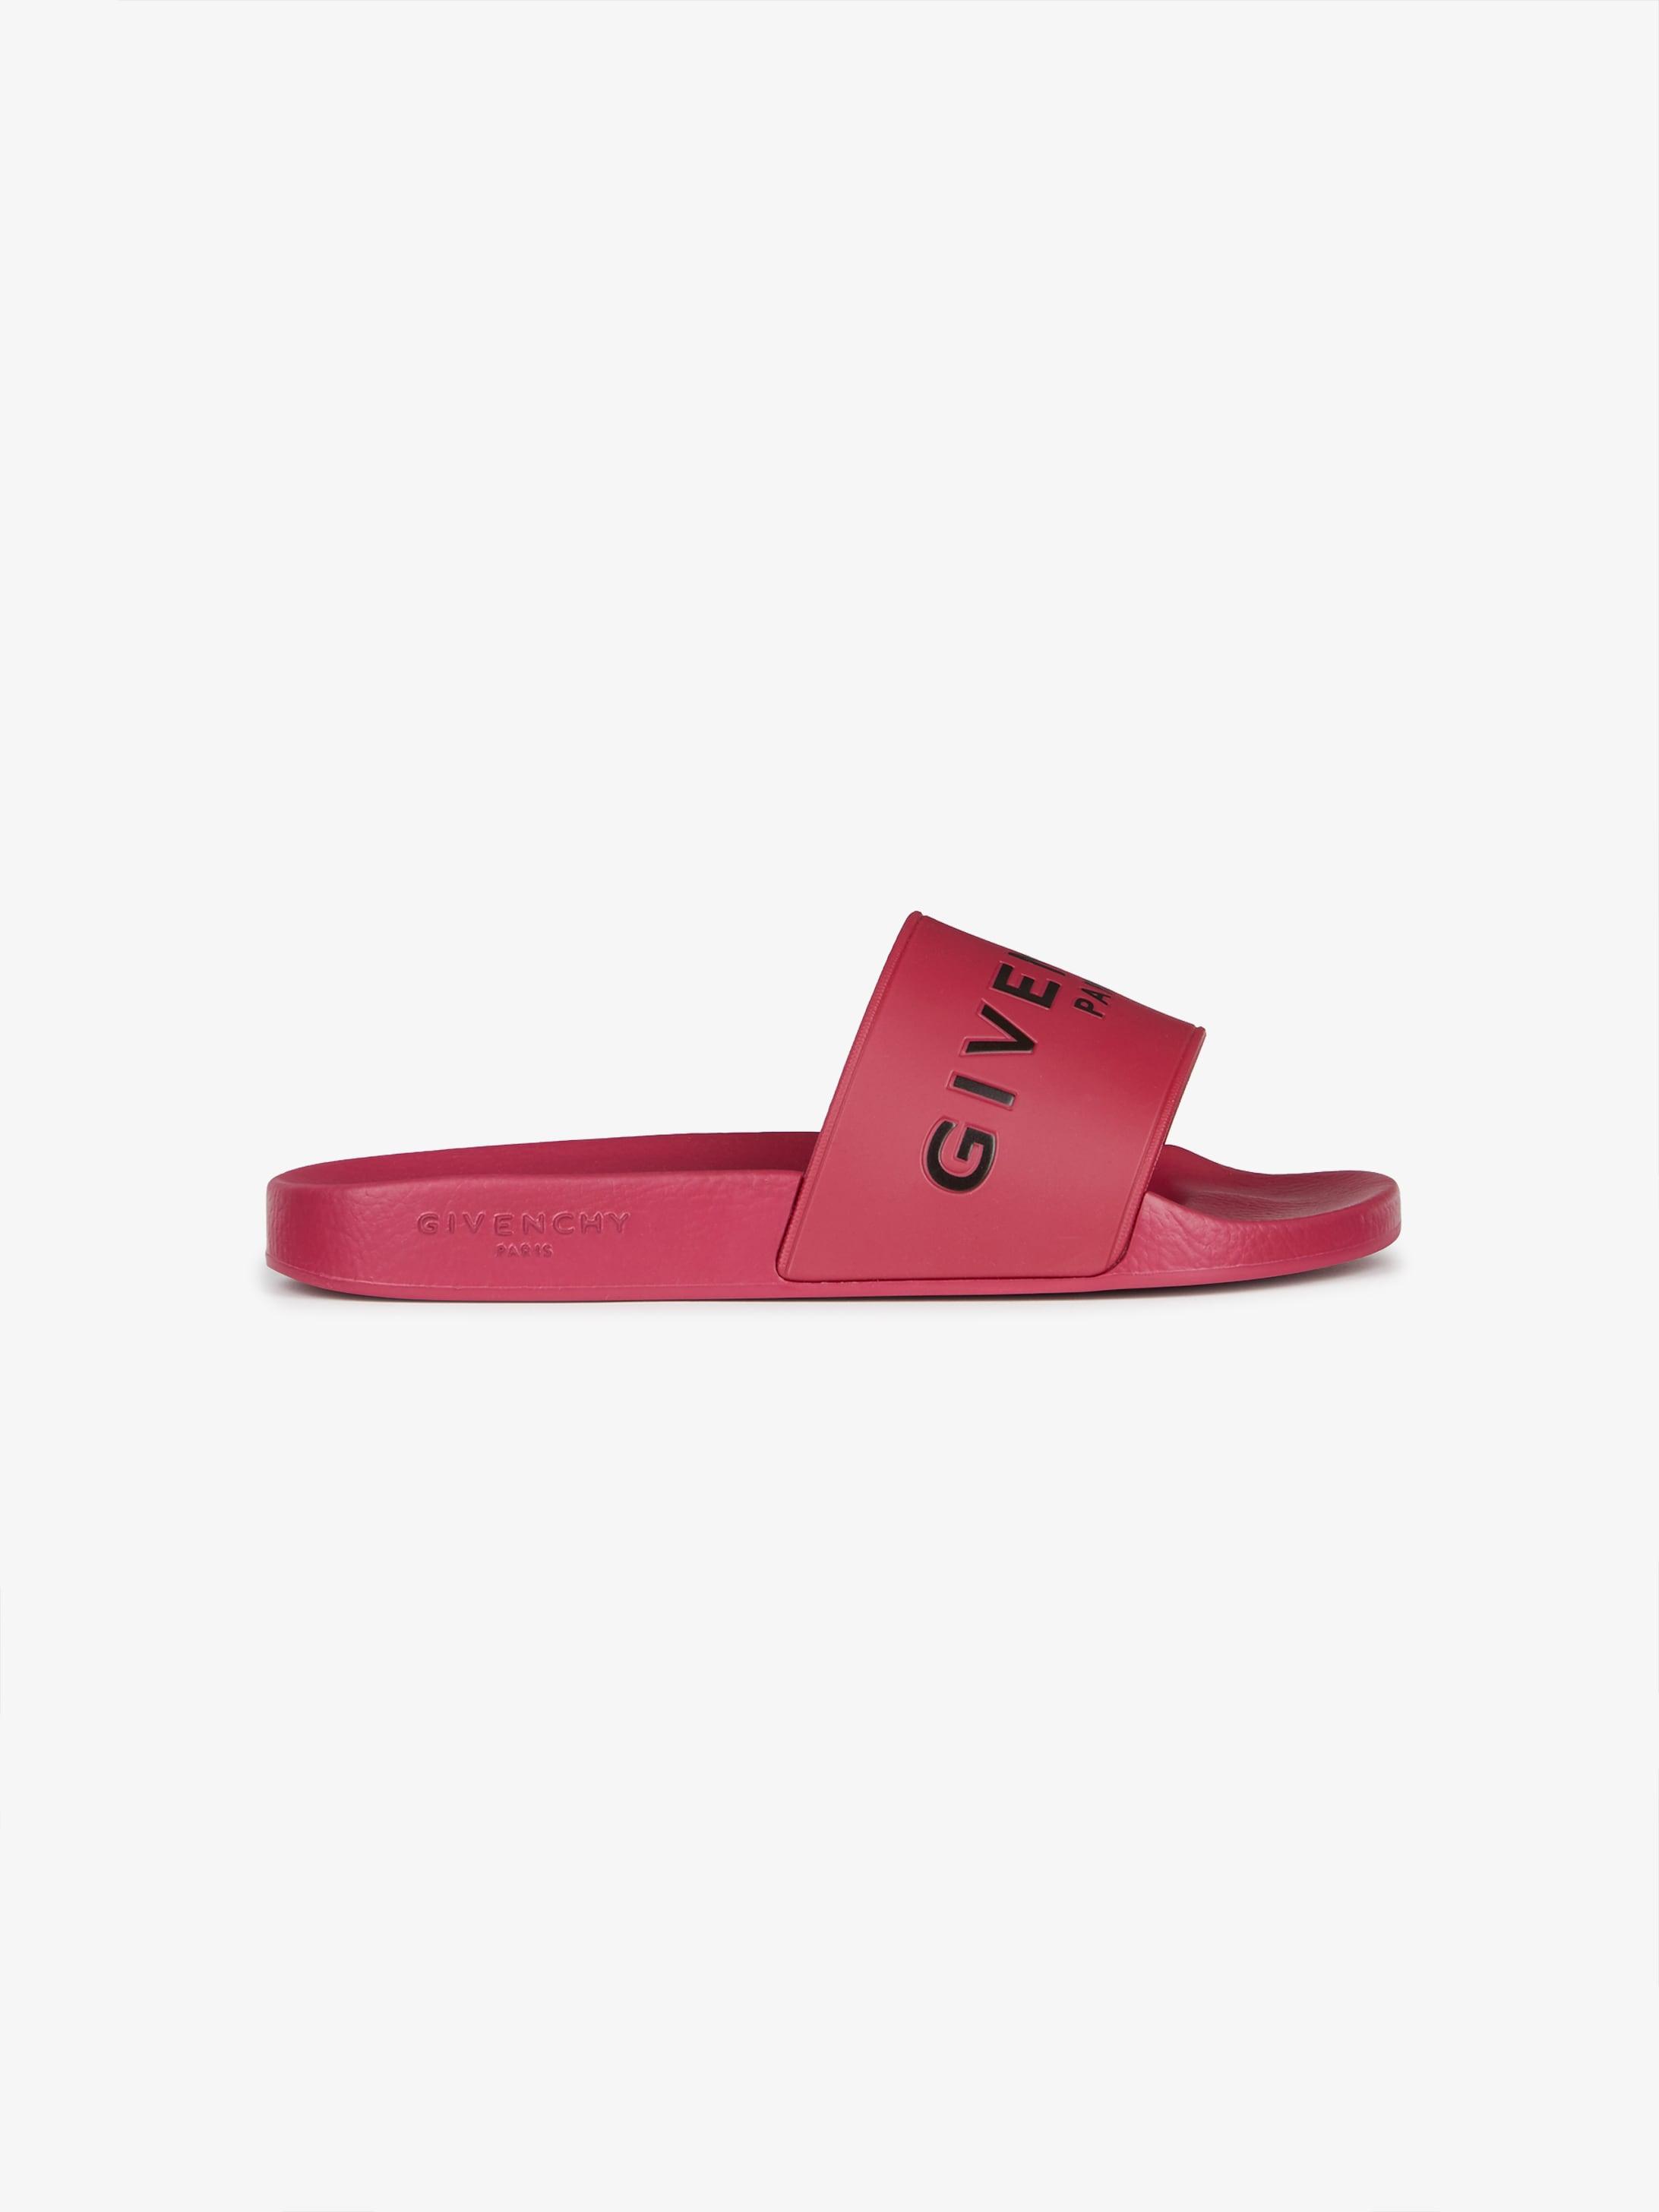 c98c0202b3c769 GIVENCHY PARIS sandals in rubber